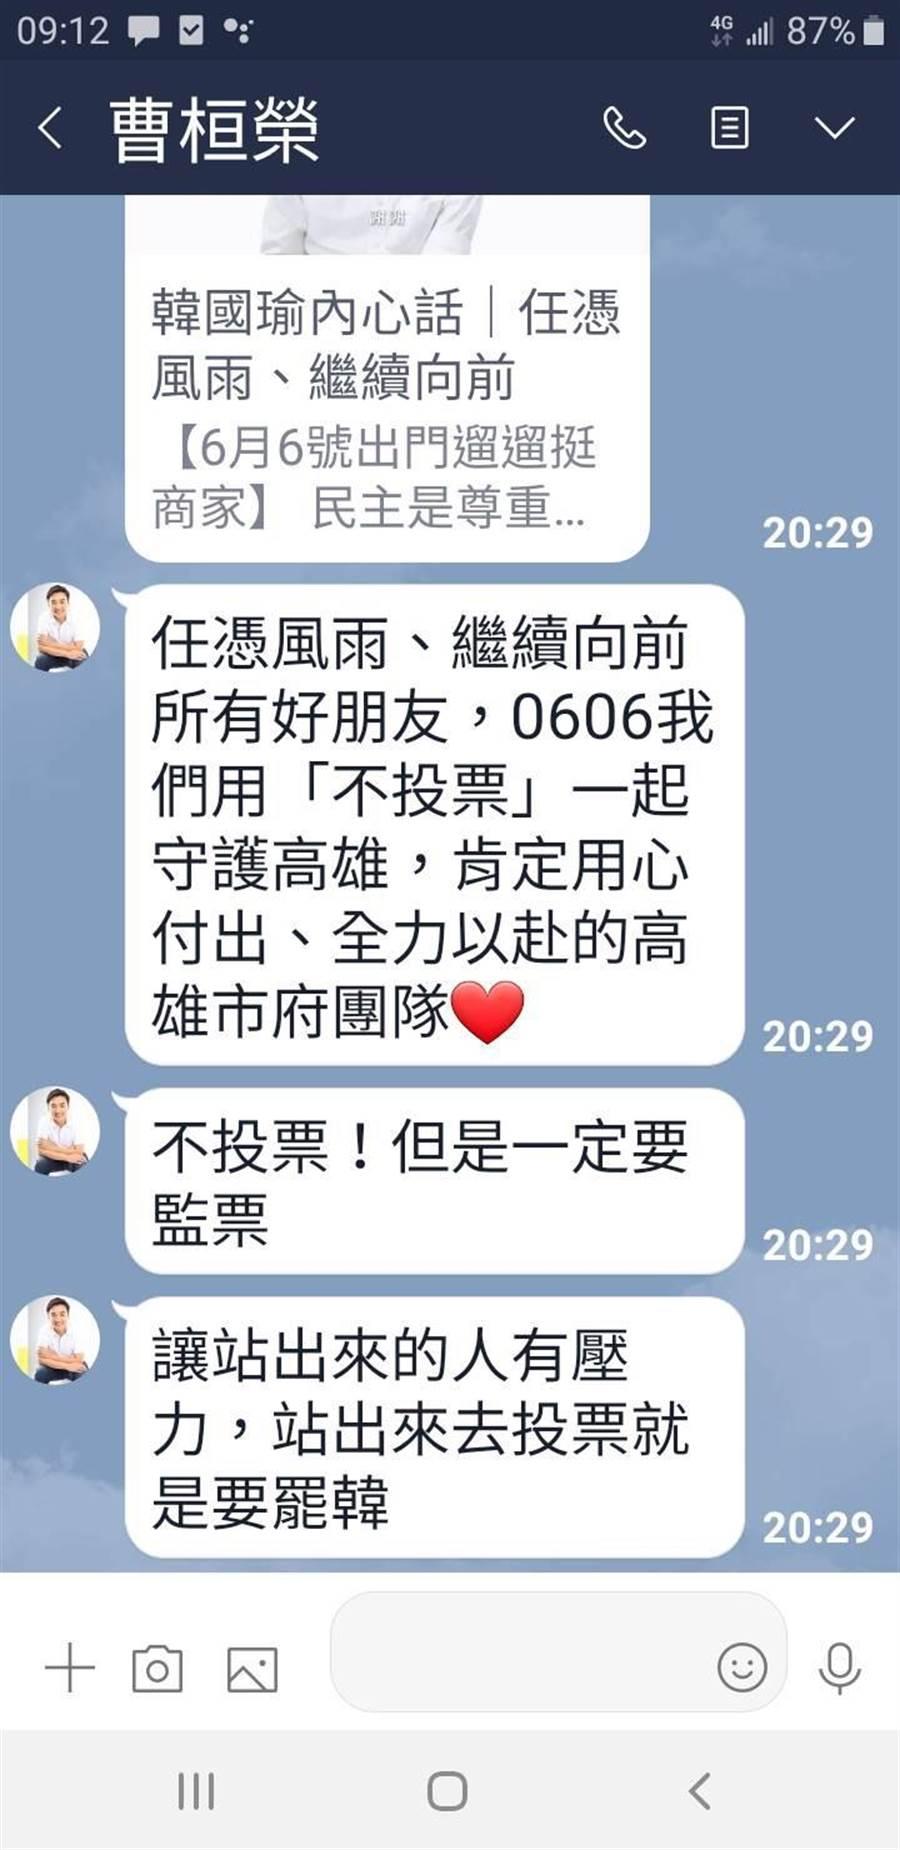 高市民政局長曹桓榮與黃復興黨部成員的LINE對話遭截圖,他解釋,因支持者情緒很激動,他才想盡辦法安撫對方,希望降低衝突。(高雄市議員陳致中提供/林宏聰高雄傳真)